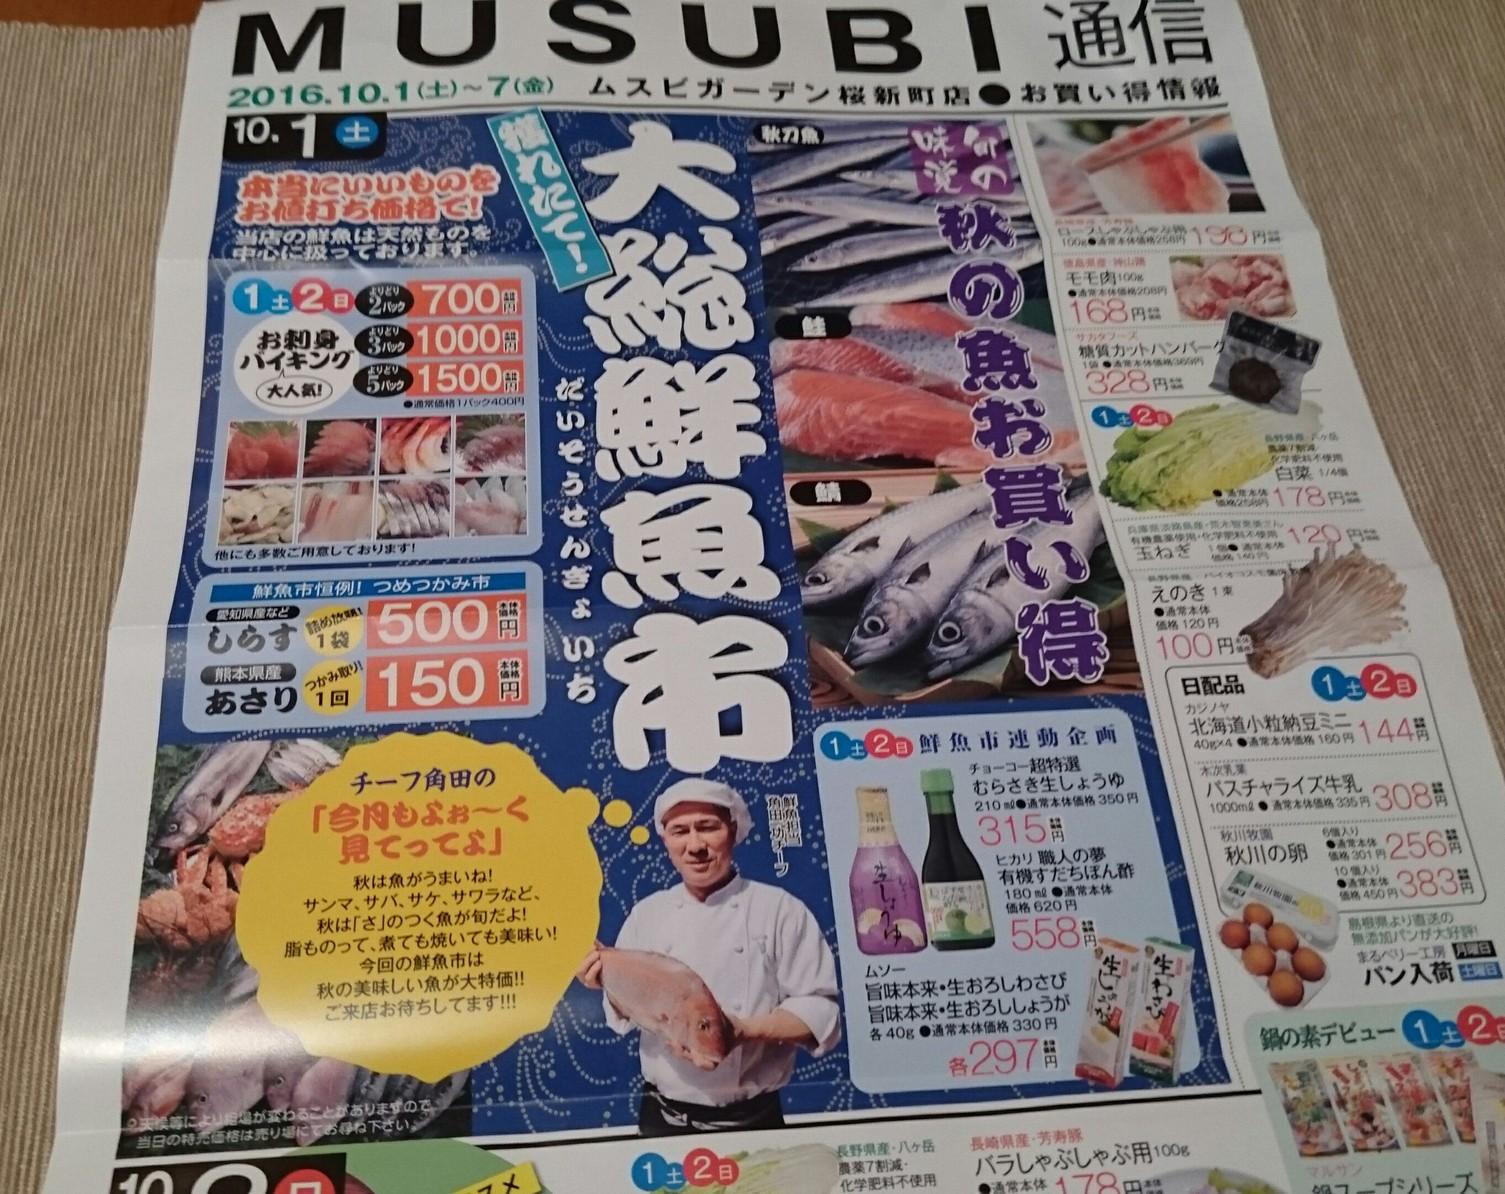 ムスビガーデン 桜新町店